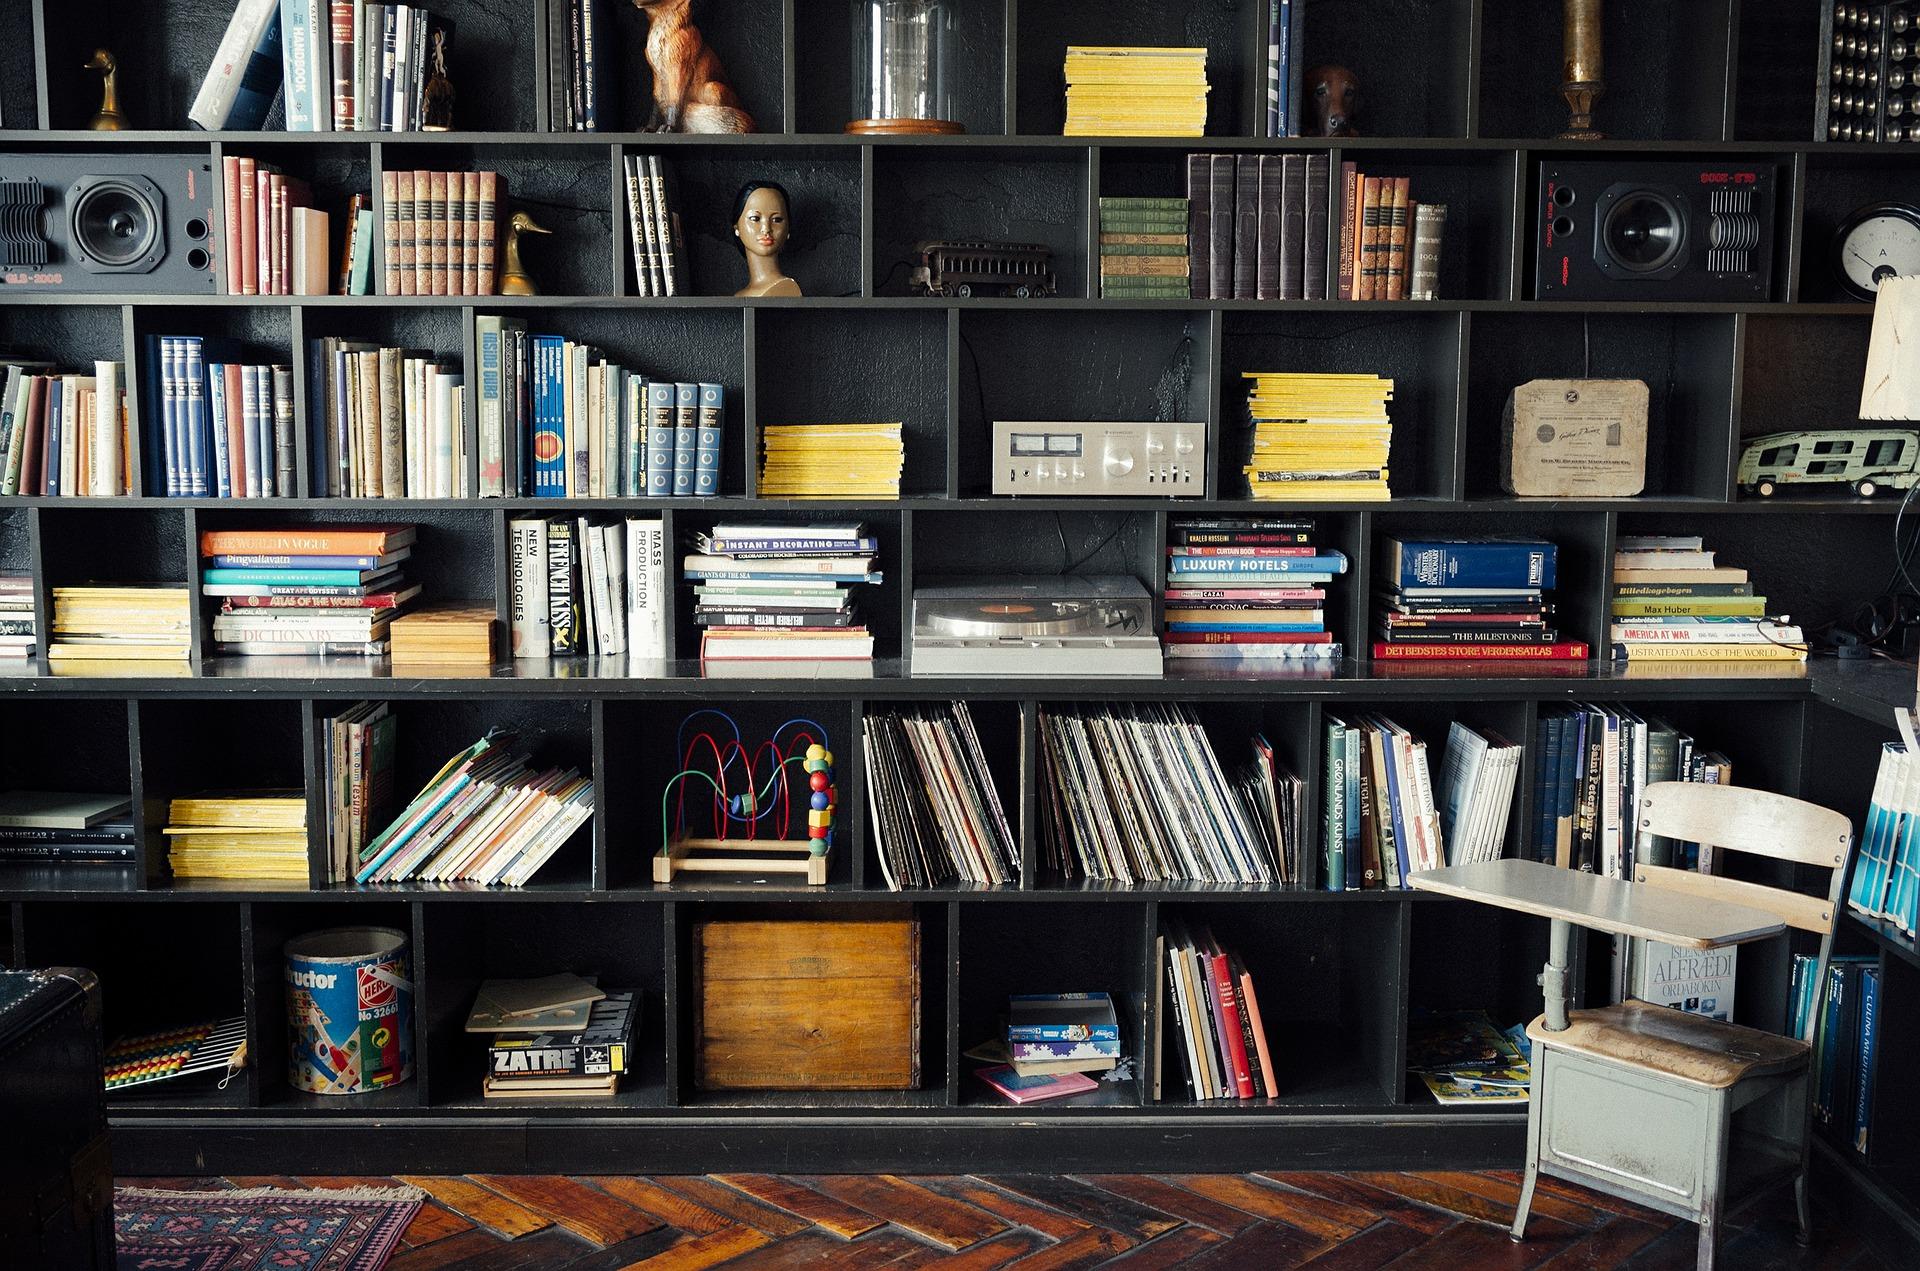 Arredare casa in stile hipster: idee e consigli